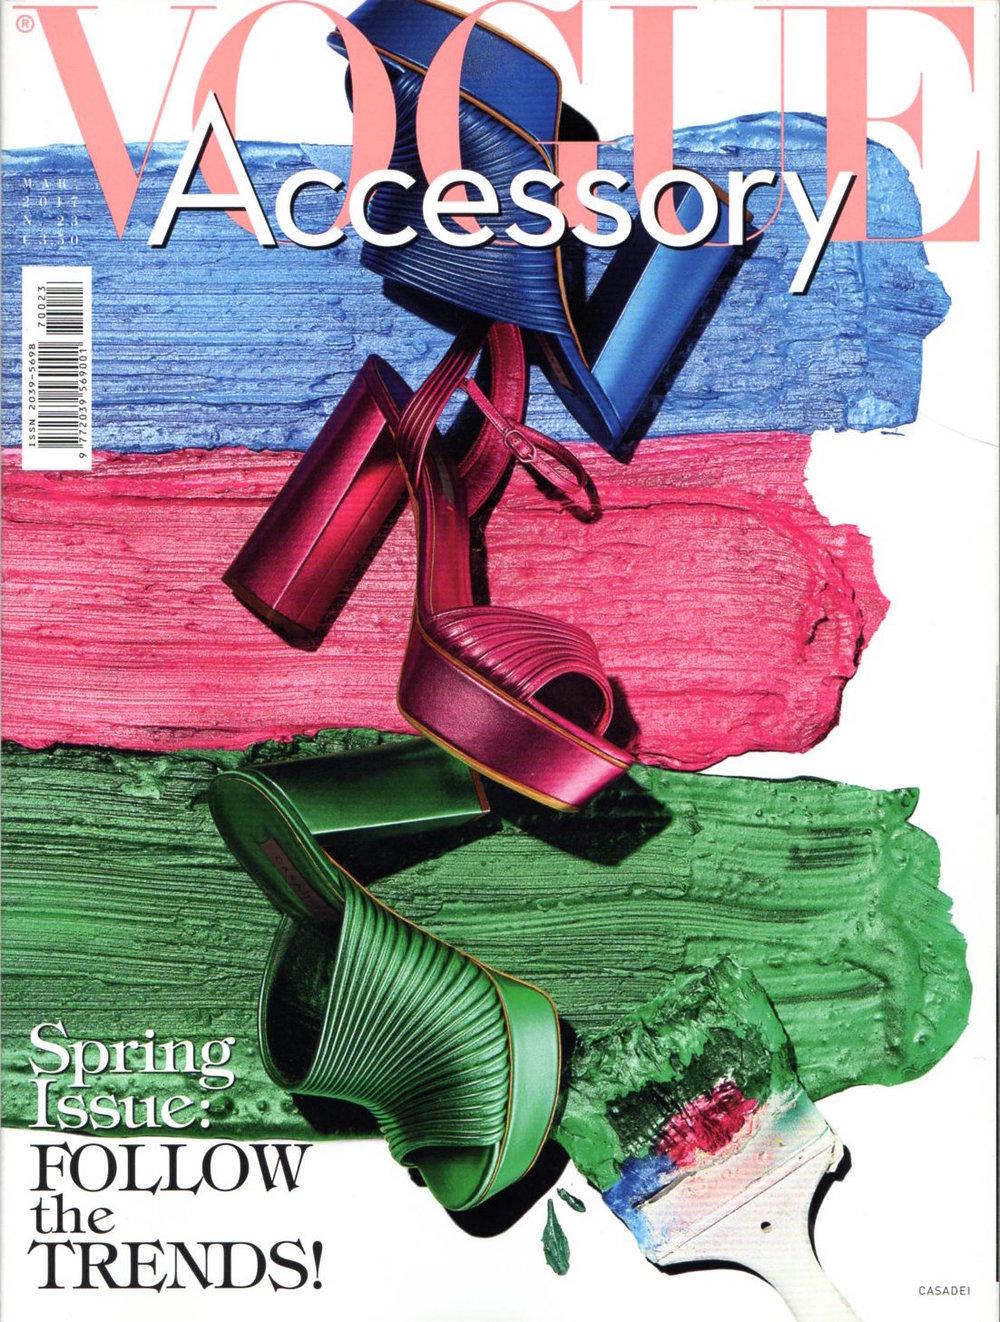 VOGUE ACCESSORY FEB 2017001 Cover.jpg